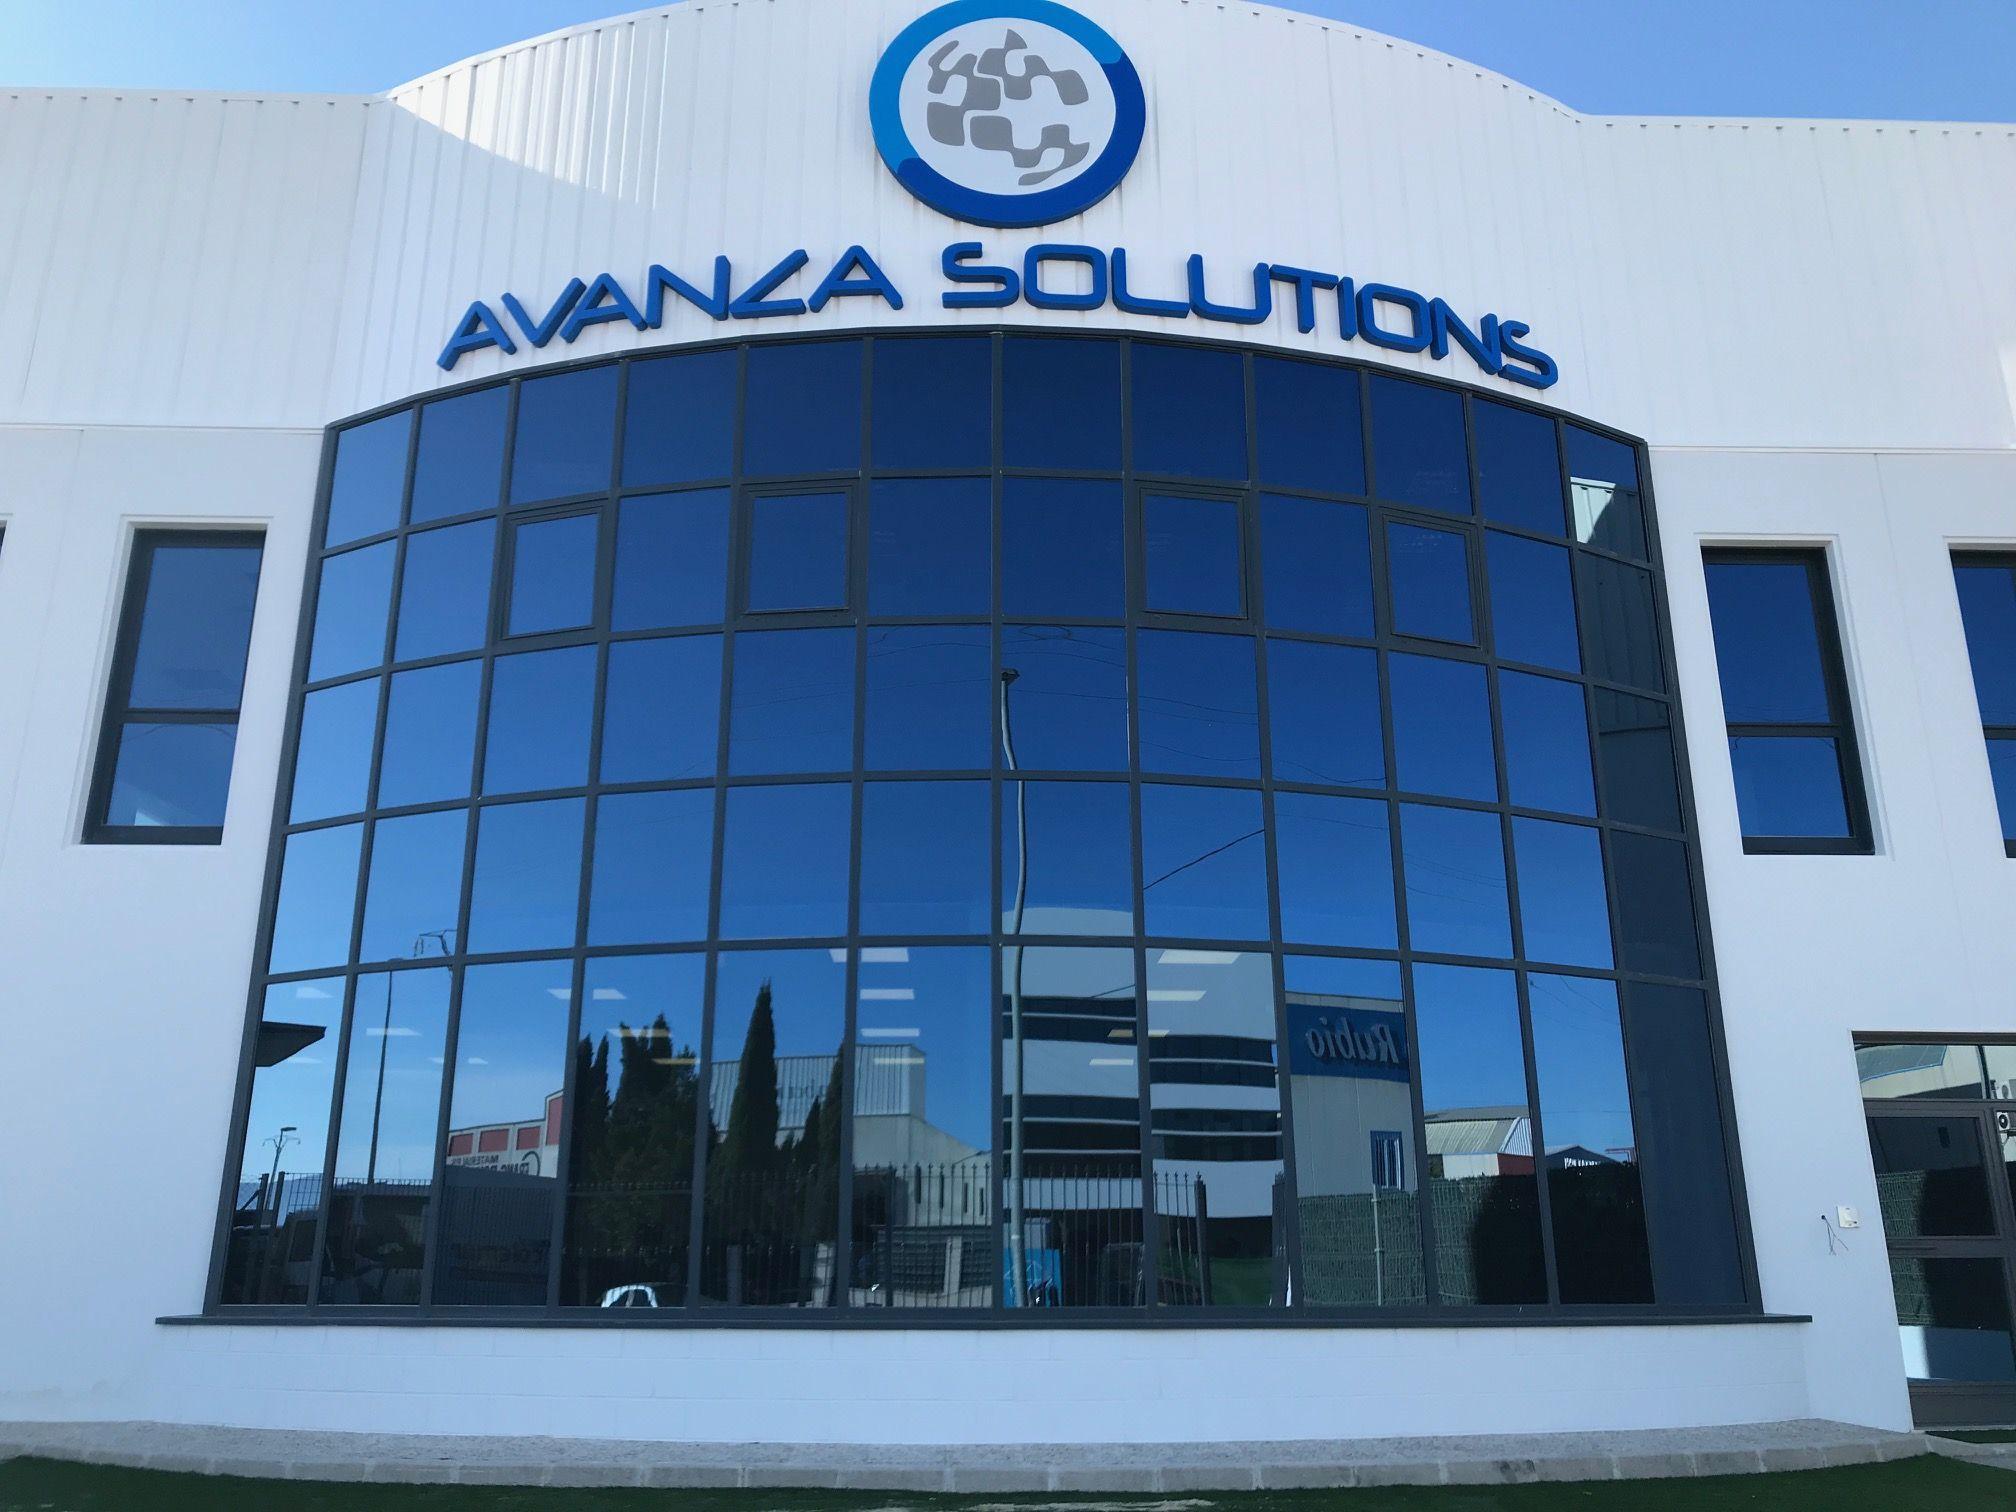 Avanza Solutions